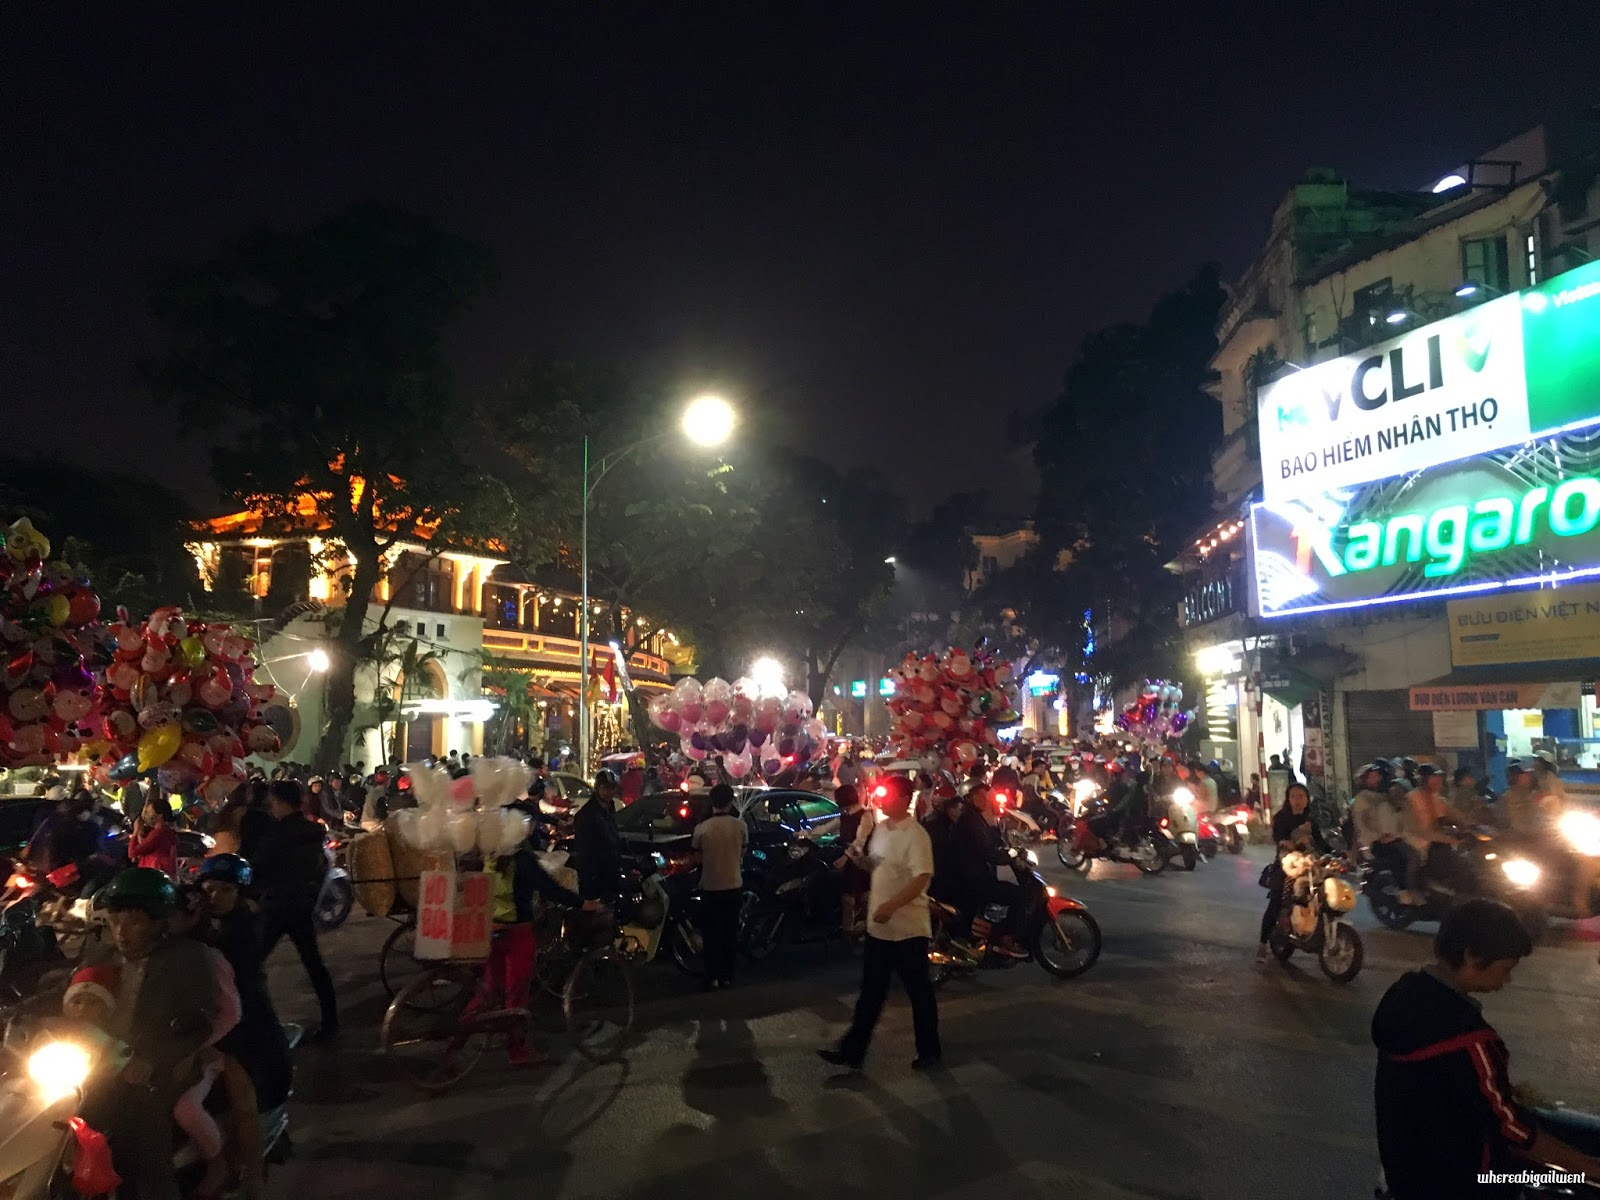 Traffic in the Old Quarter Hanoi